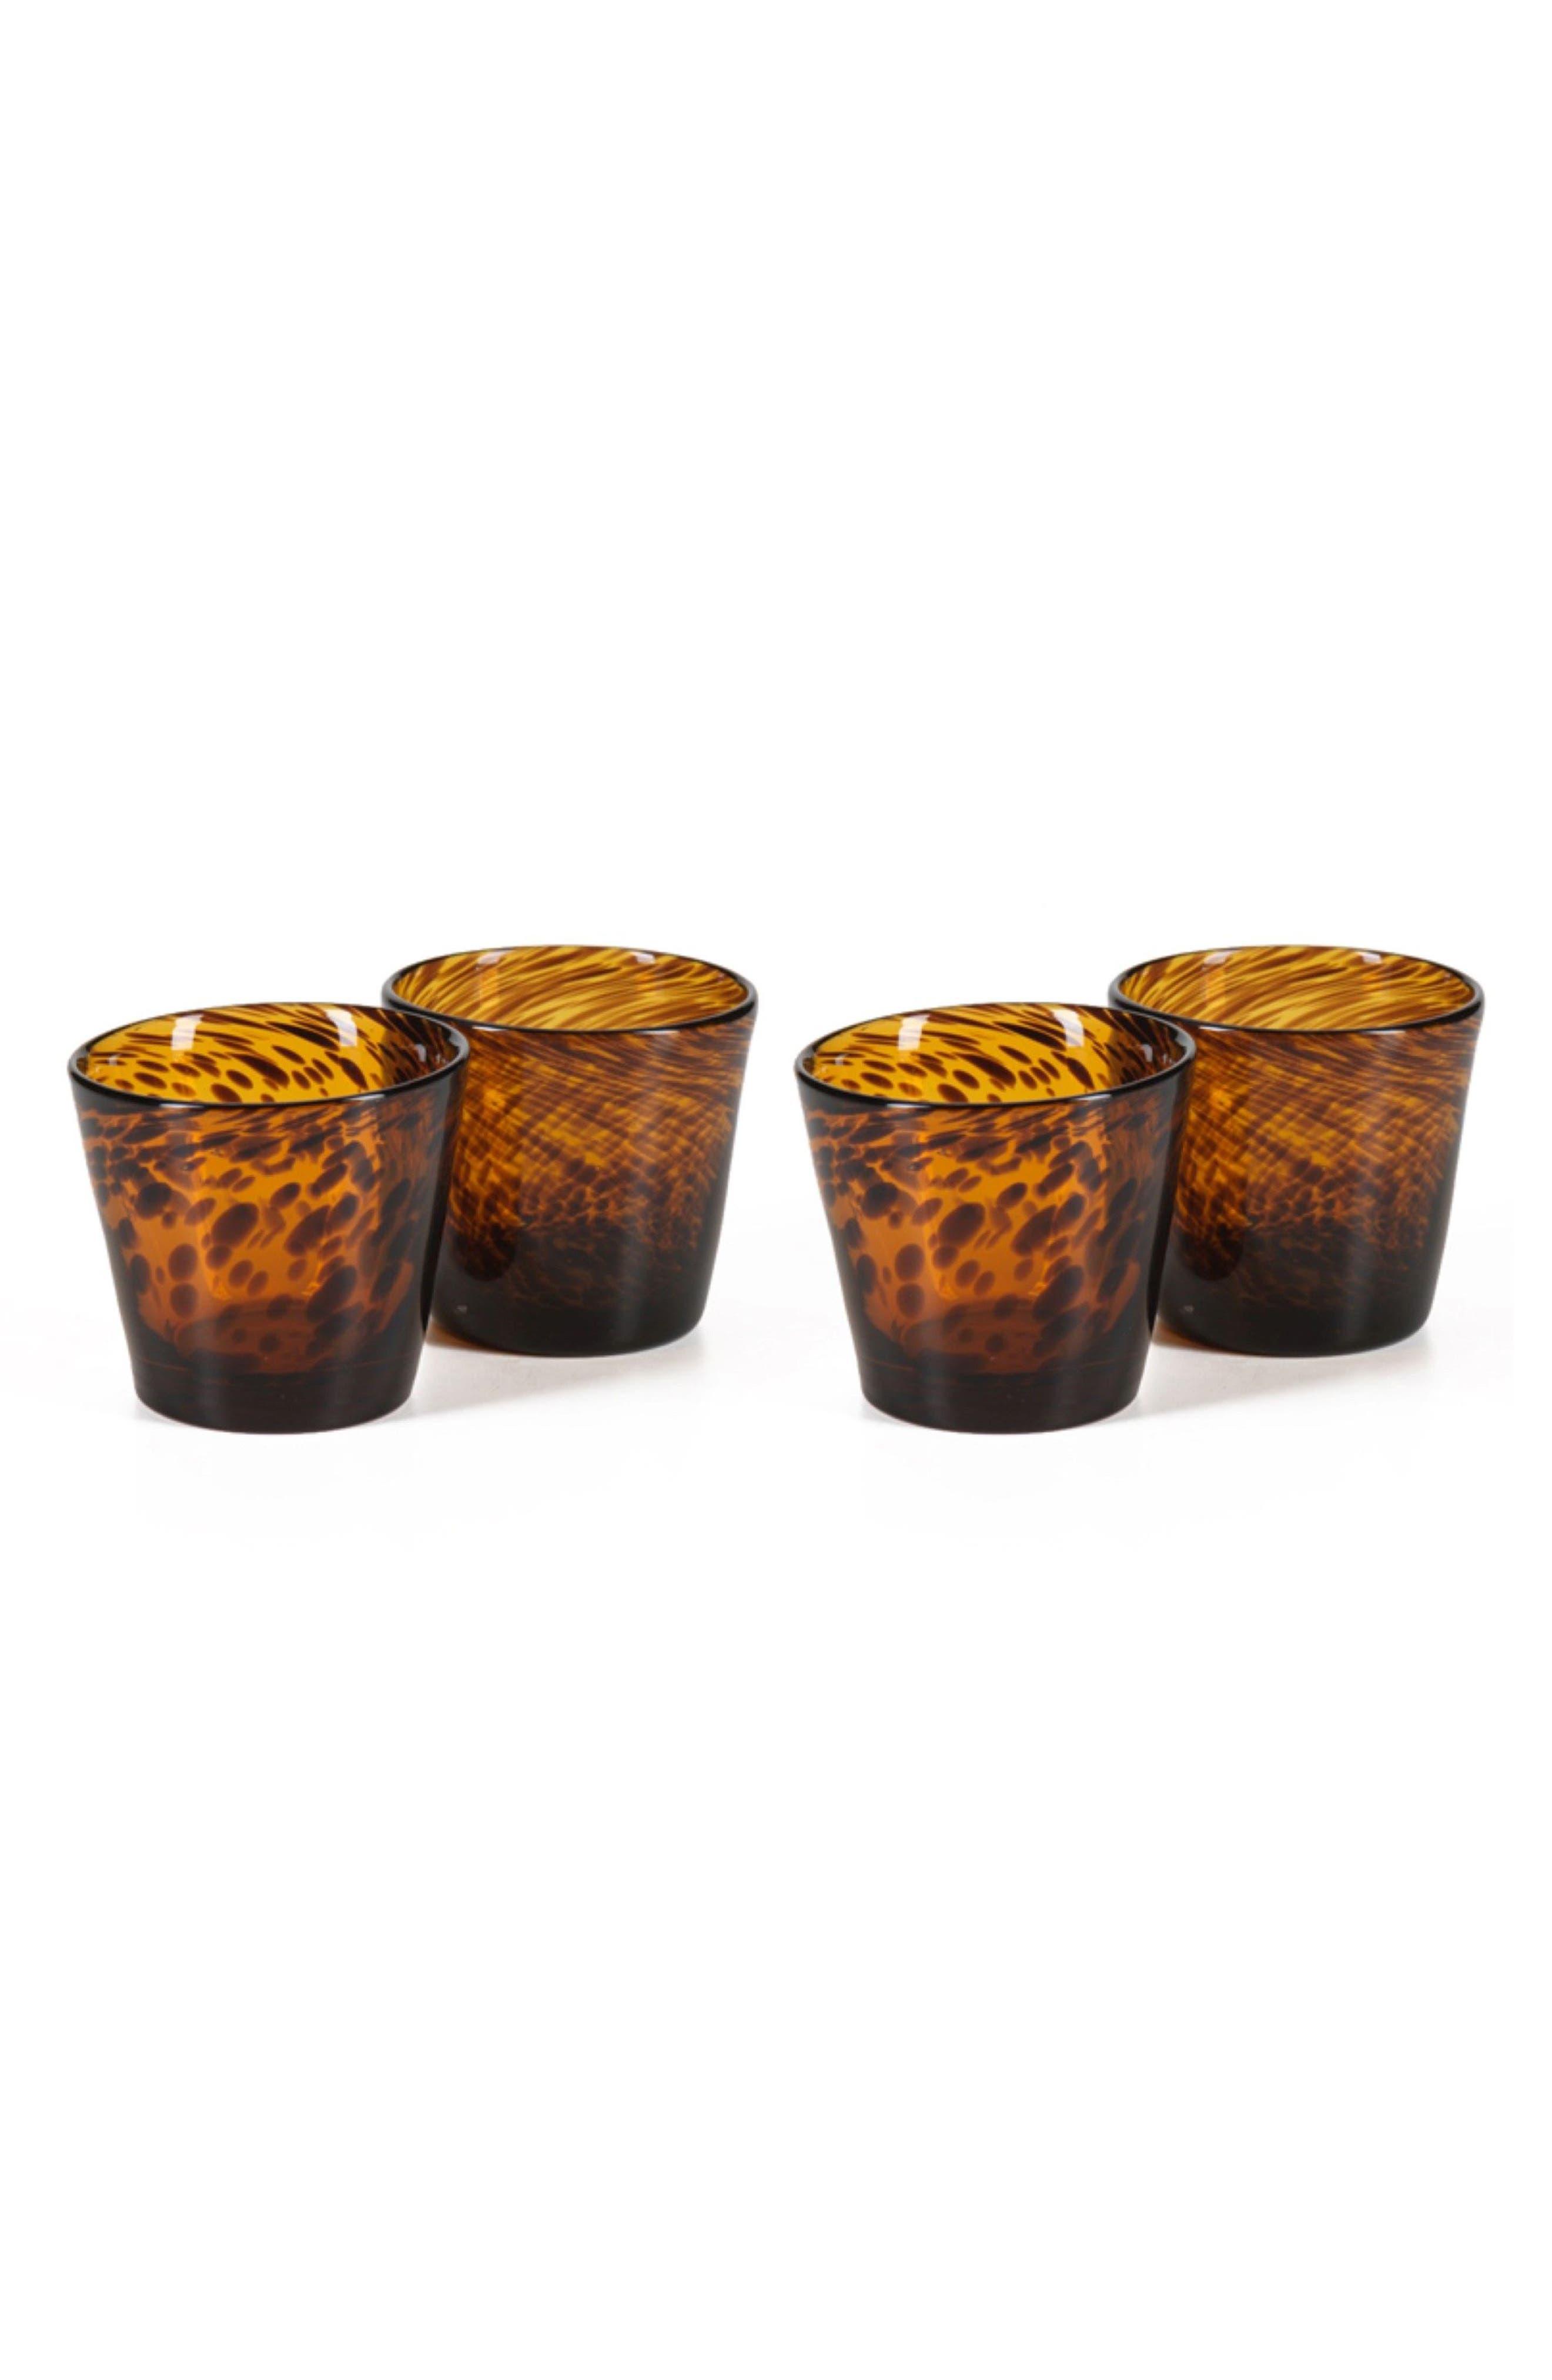 Sahara Set of 4 Tumblers,                         Main,                         color, Brown/ Orange/ Tan